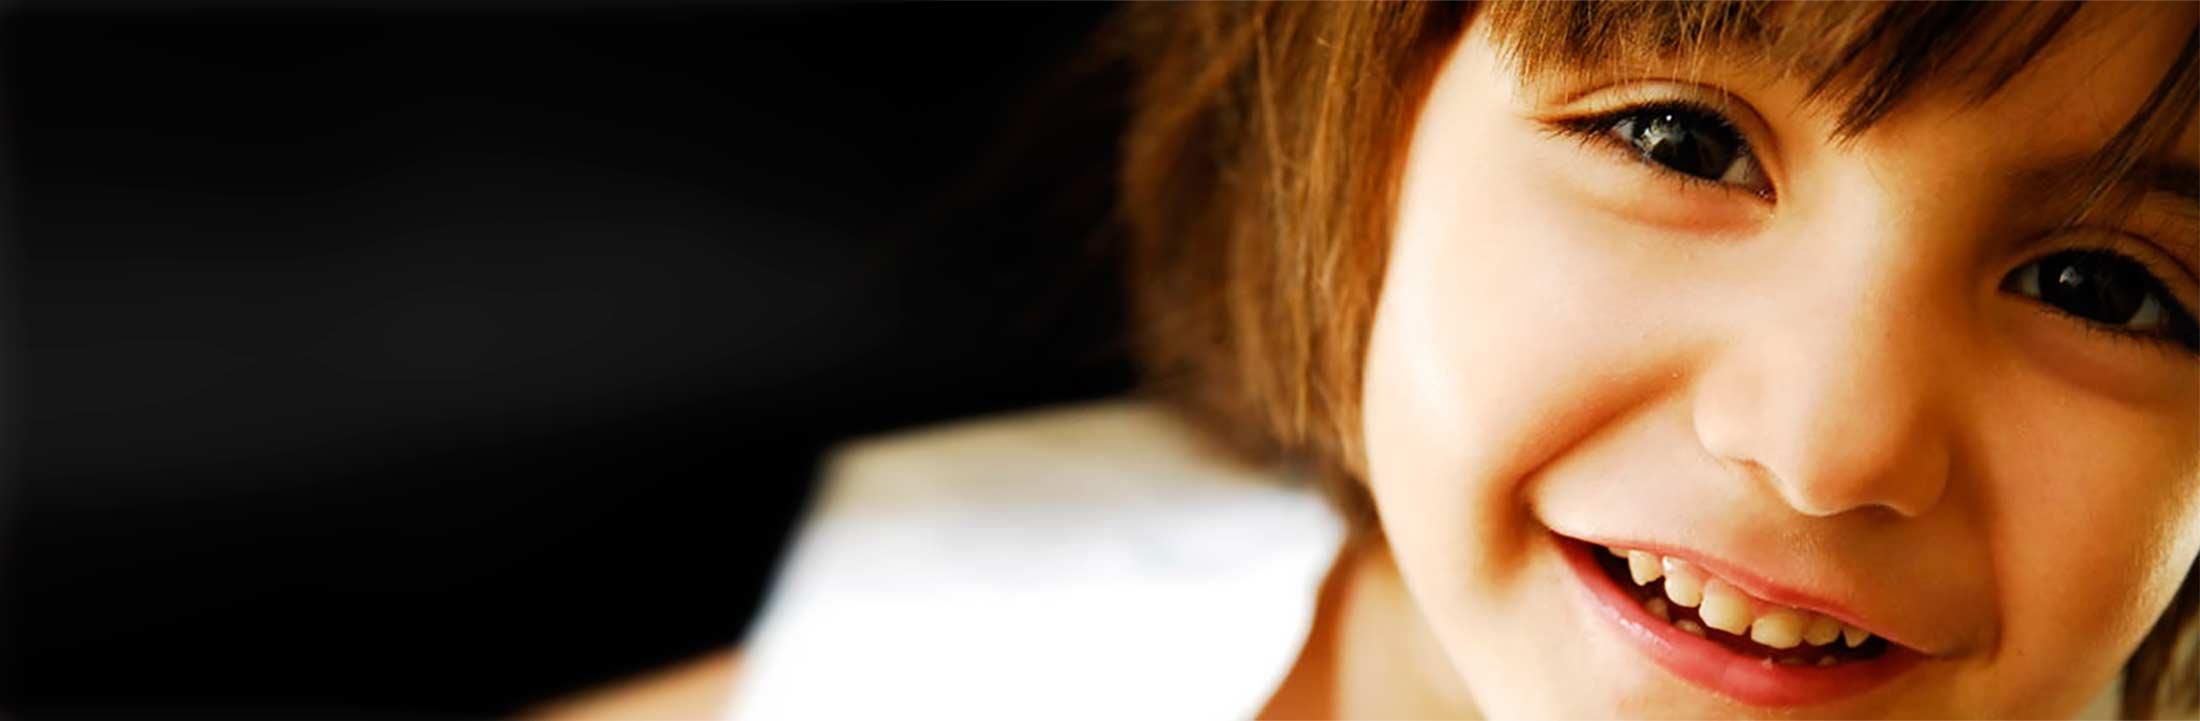 Closeup-girls-face-Ehsan-Khakbaz